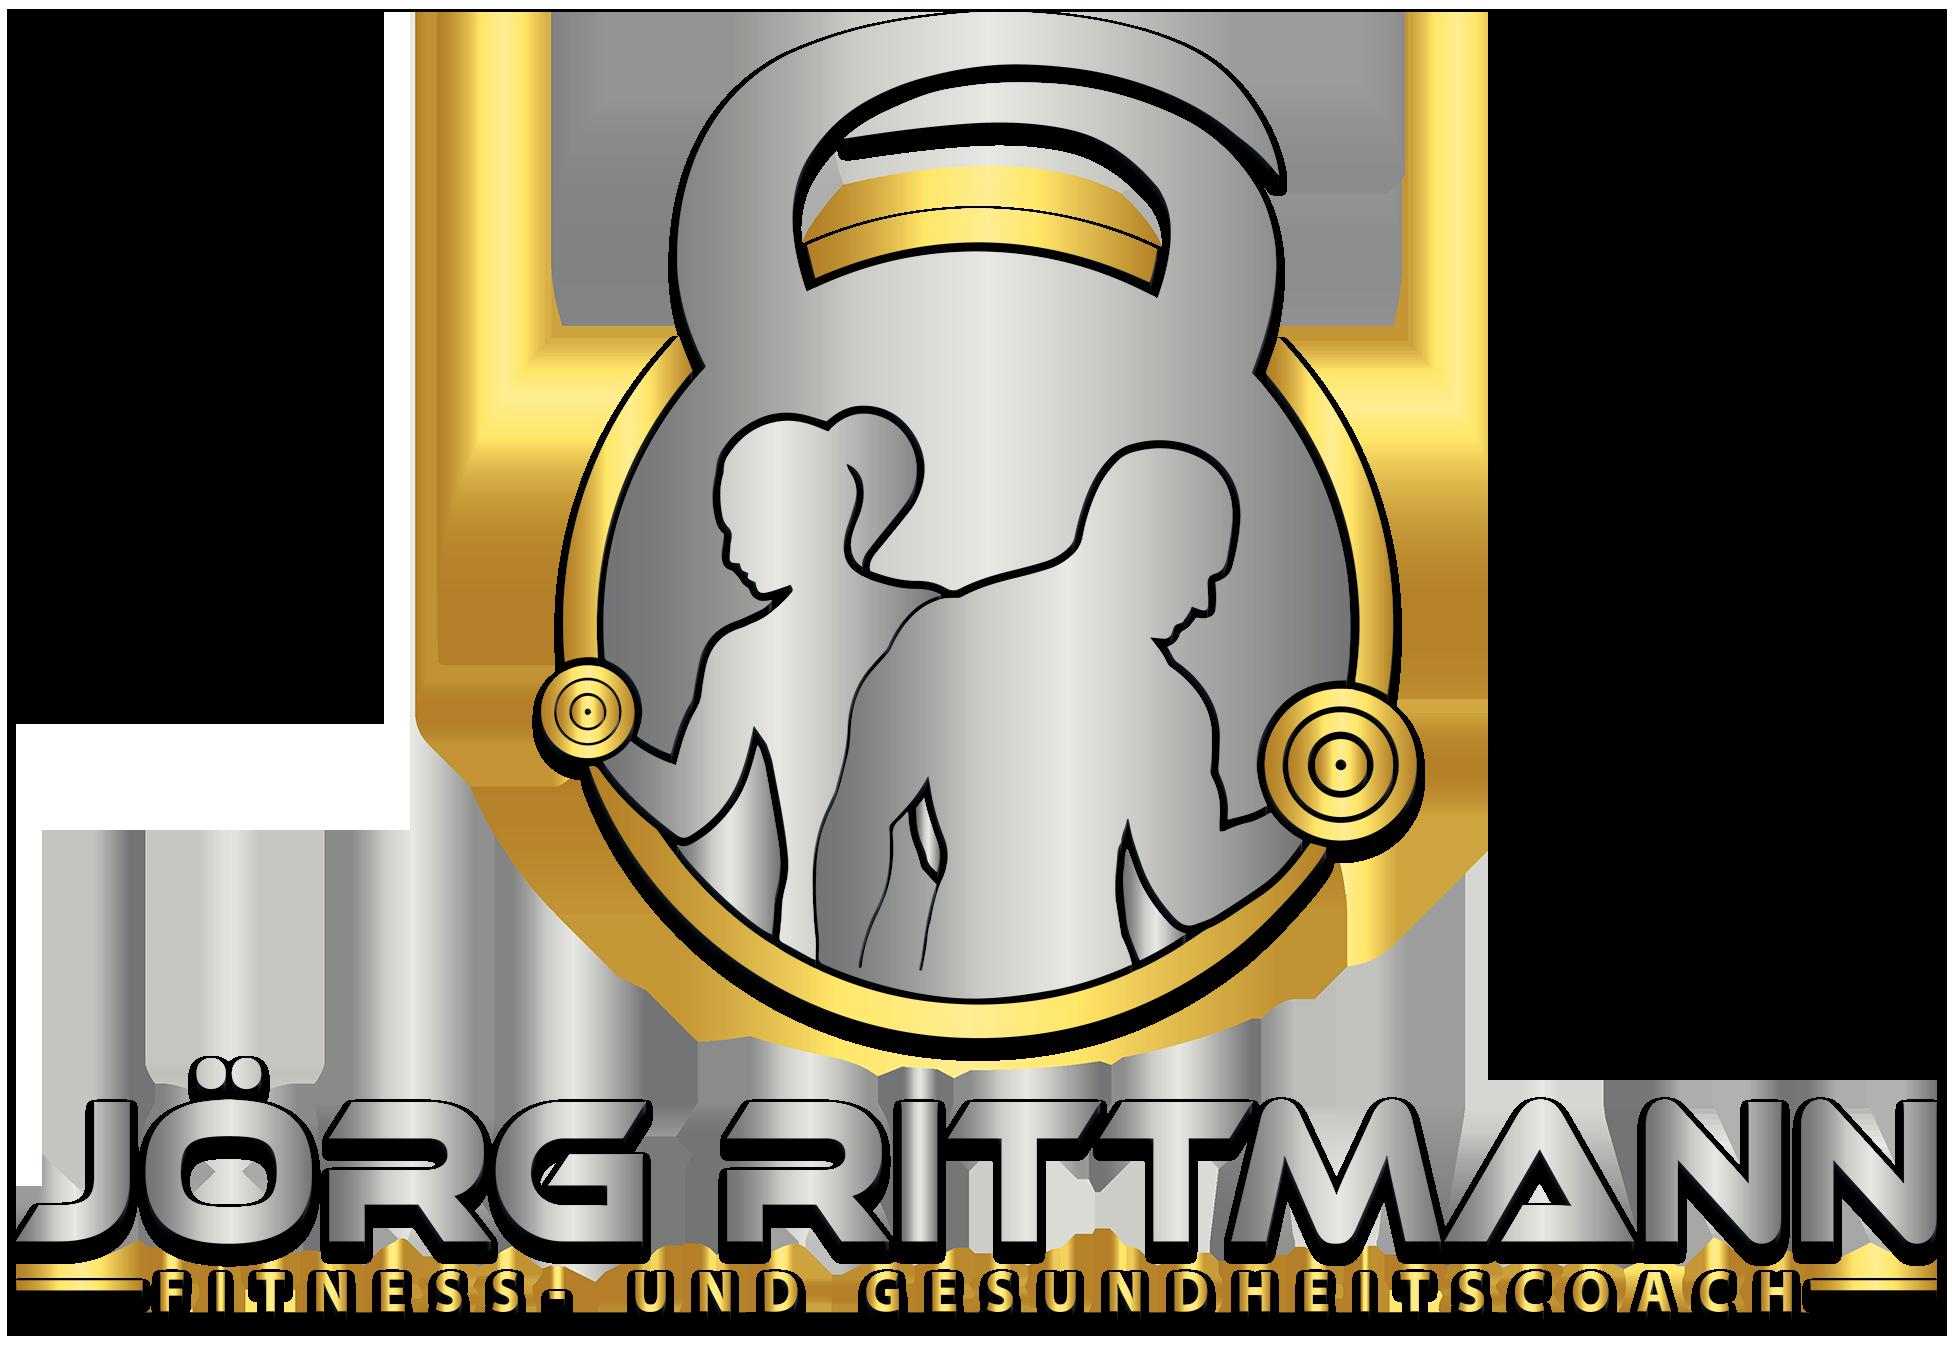 Jörg Rittmann